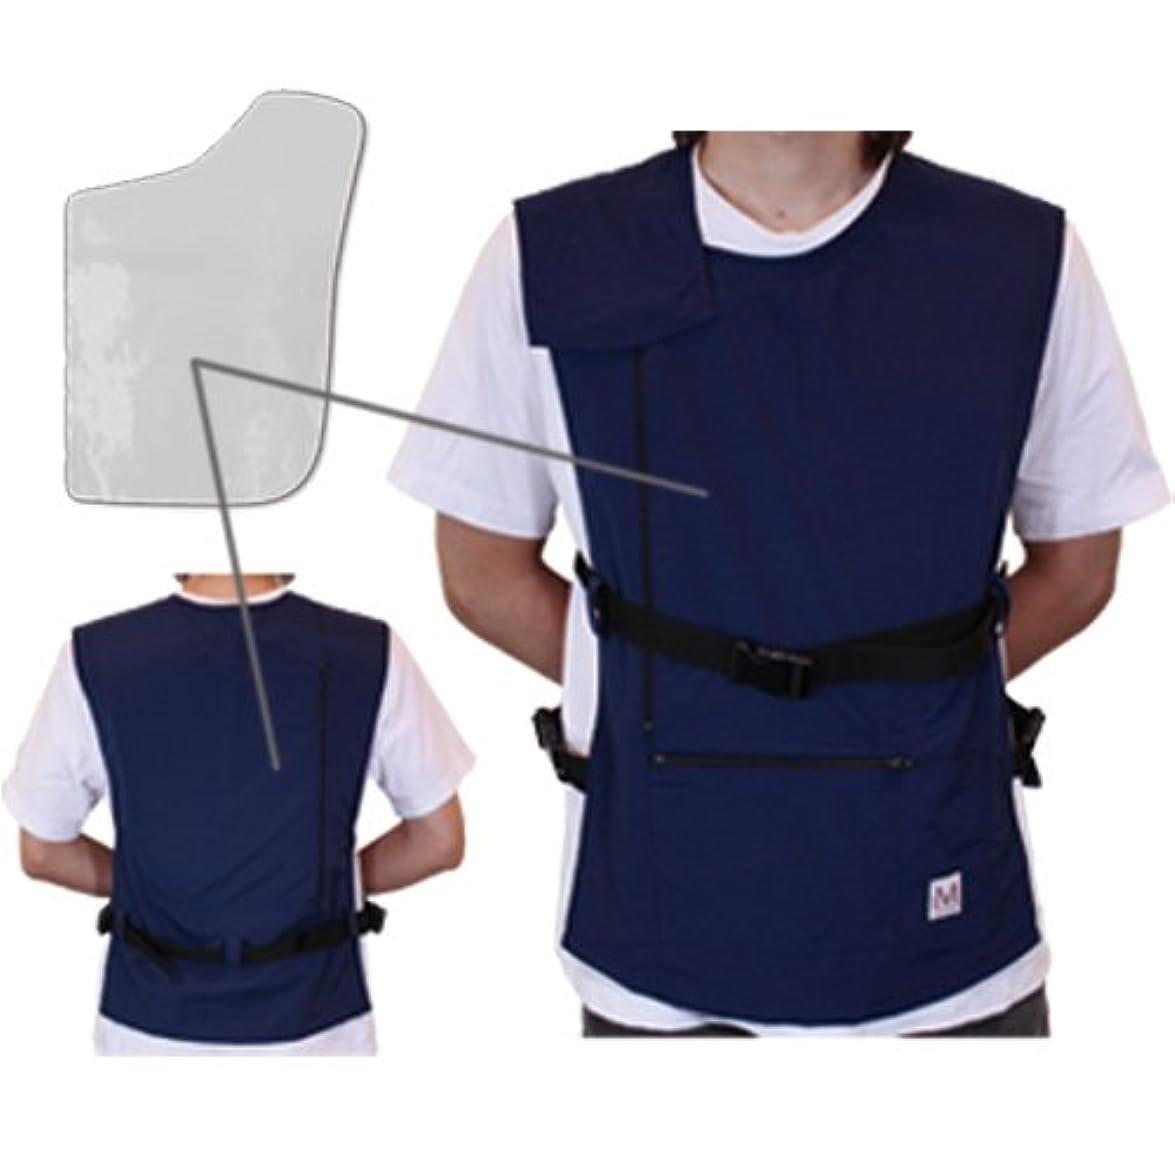 作成する上院議員マーカーペースメーカ?ICD電磁波防護服「MGワークベスト左胸用(ネイビー)2年間品質保証